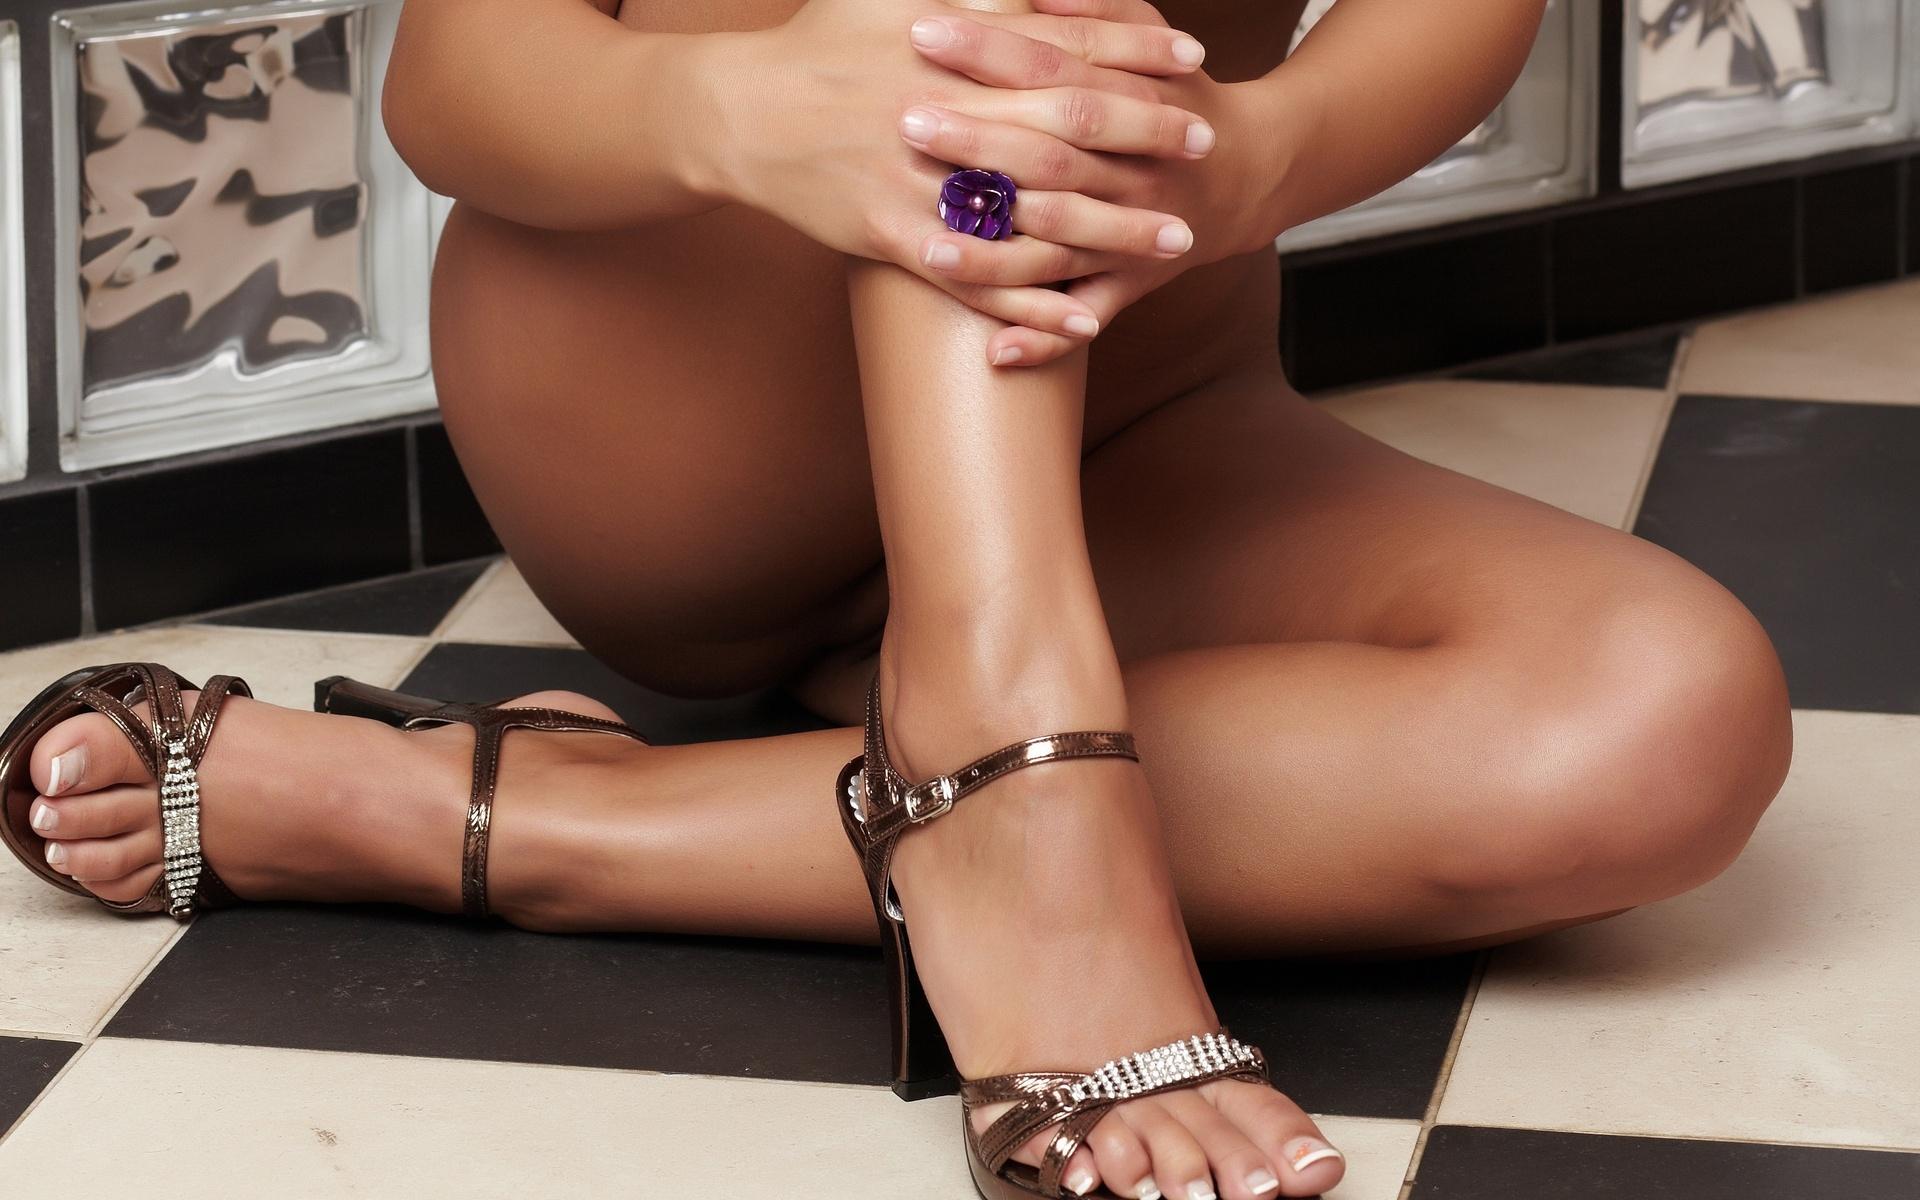 Фото пальцев ног эротика, фут фетиш » Бесплатные фото эротики голых девушек 3 фотография